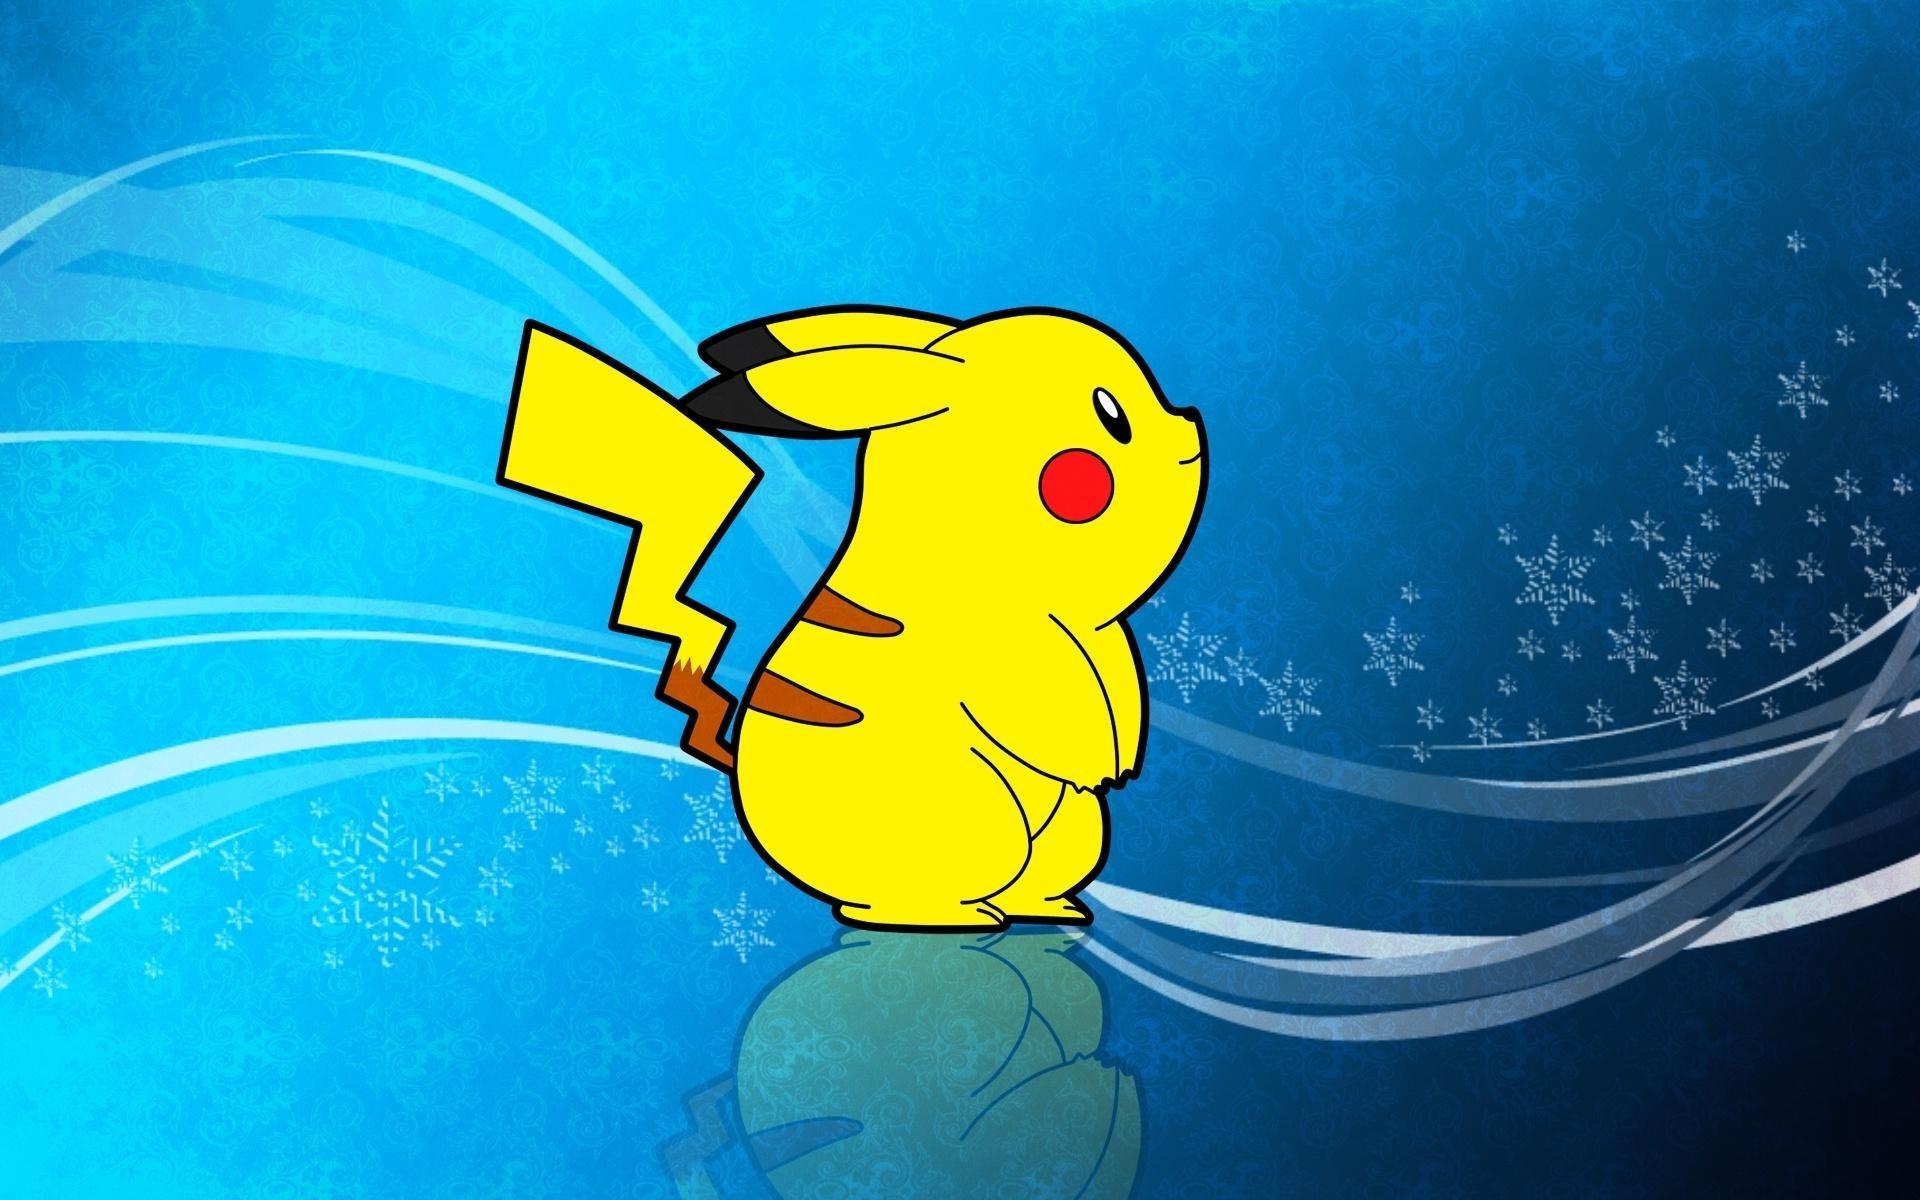 Pikachu pokemon yellow anime HD wallpaper.